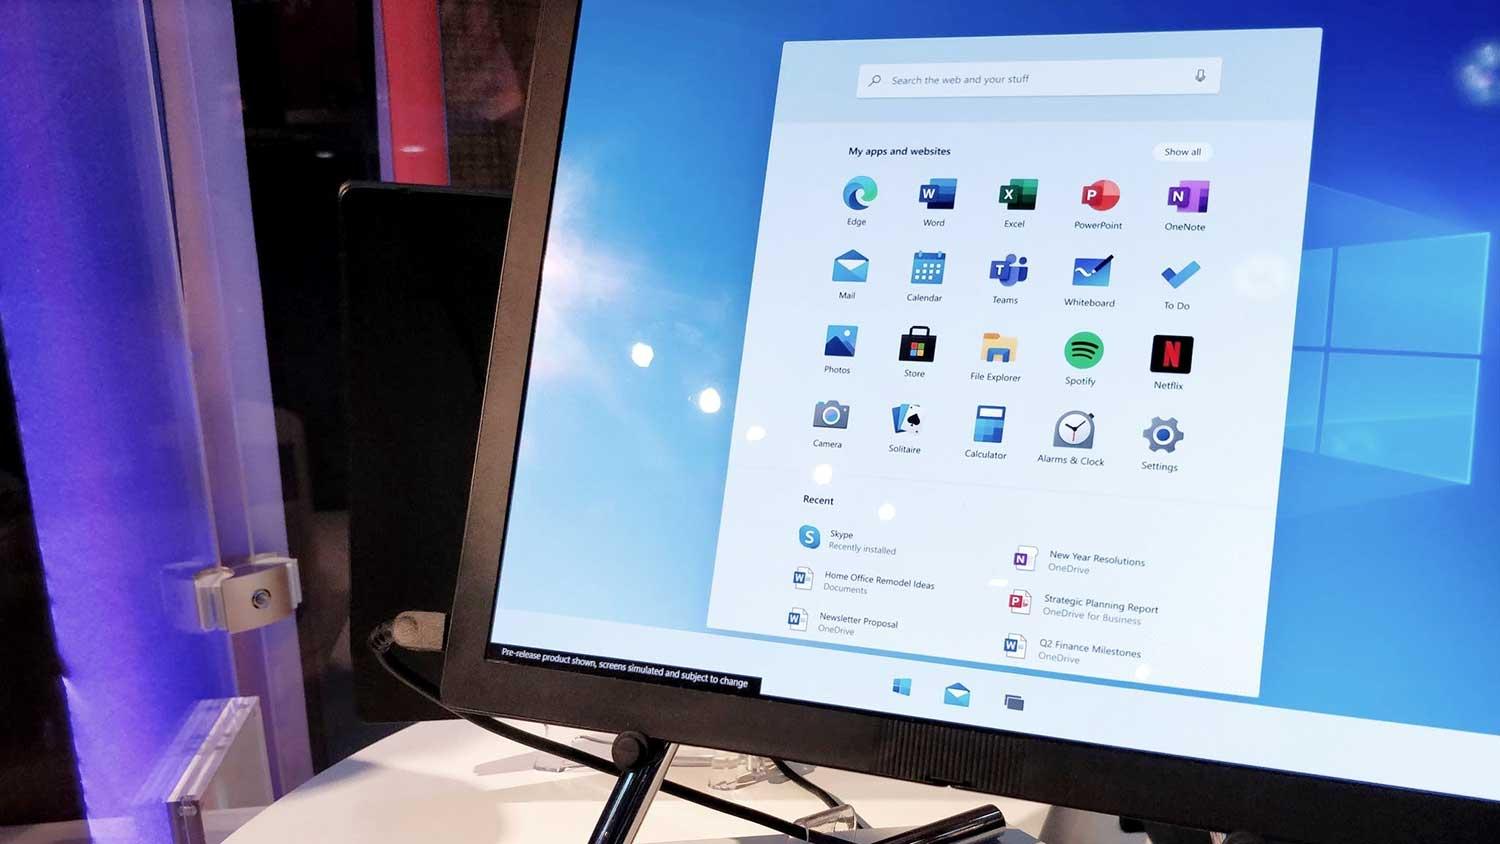 مایکروسافت ویندوز ۱۰ ایکس برای دستگاه های با یک نمایشگر متمرکزتر می شود